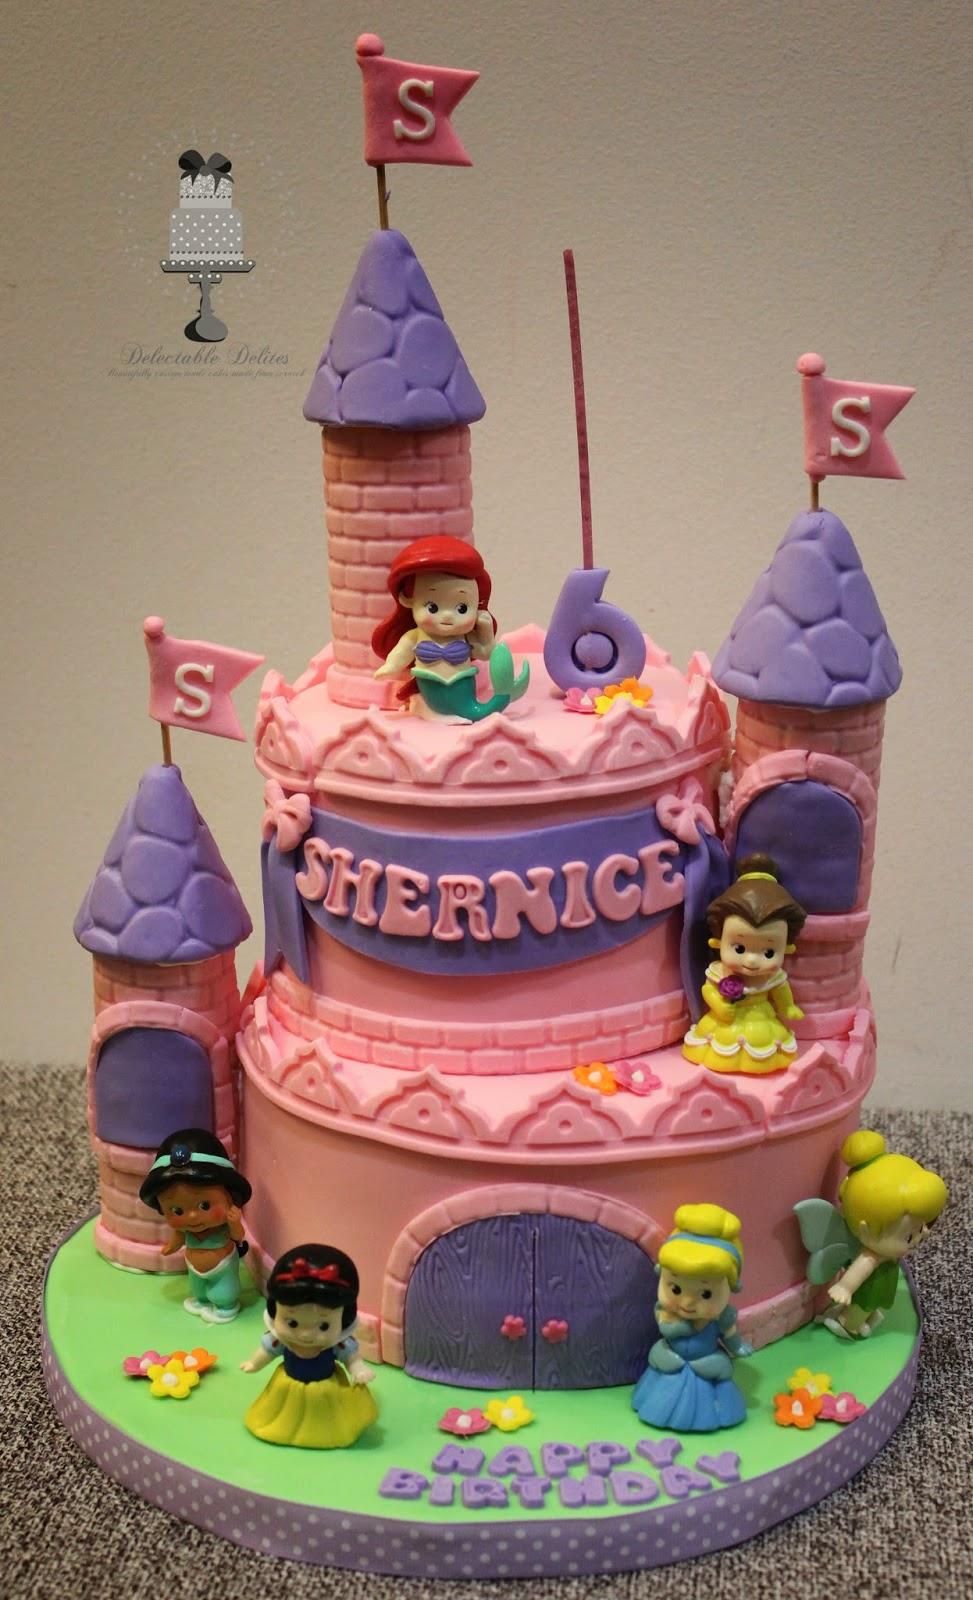 delectable delites baby disney princess castle cake. Black Bedroom Furniture Sets. Home Design Ideas